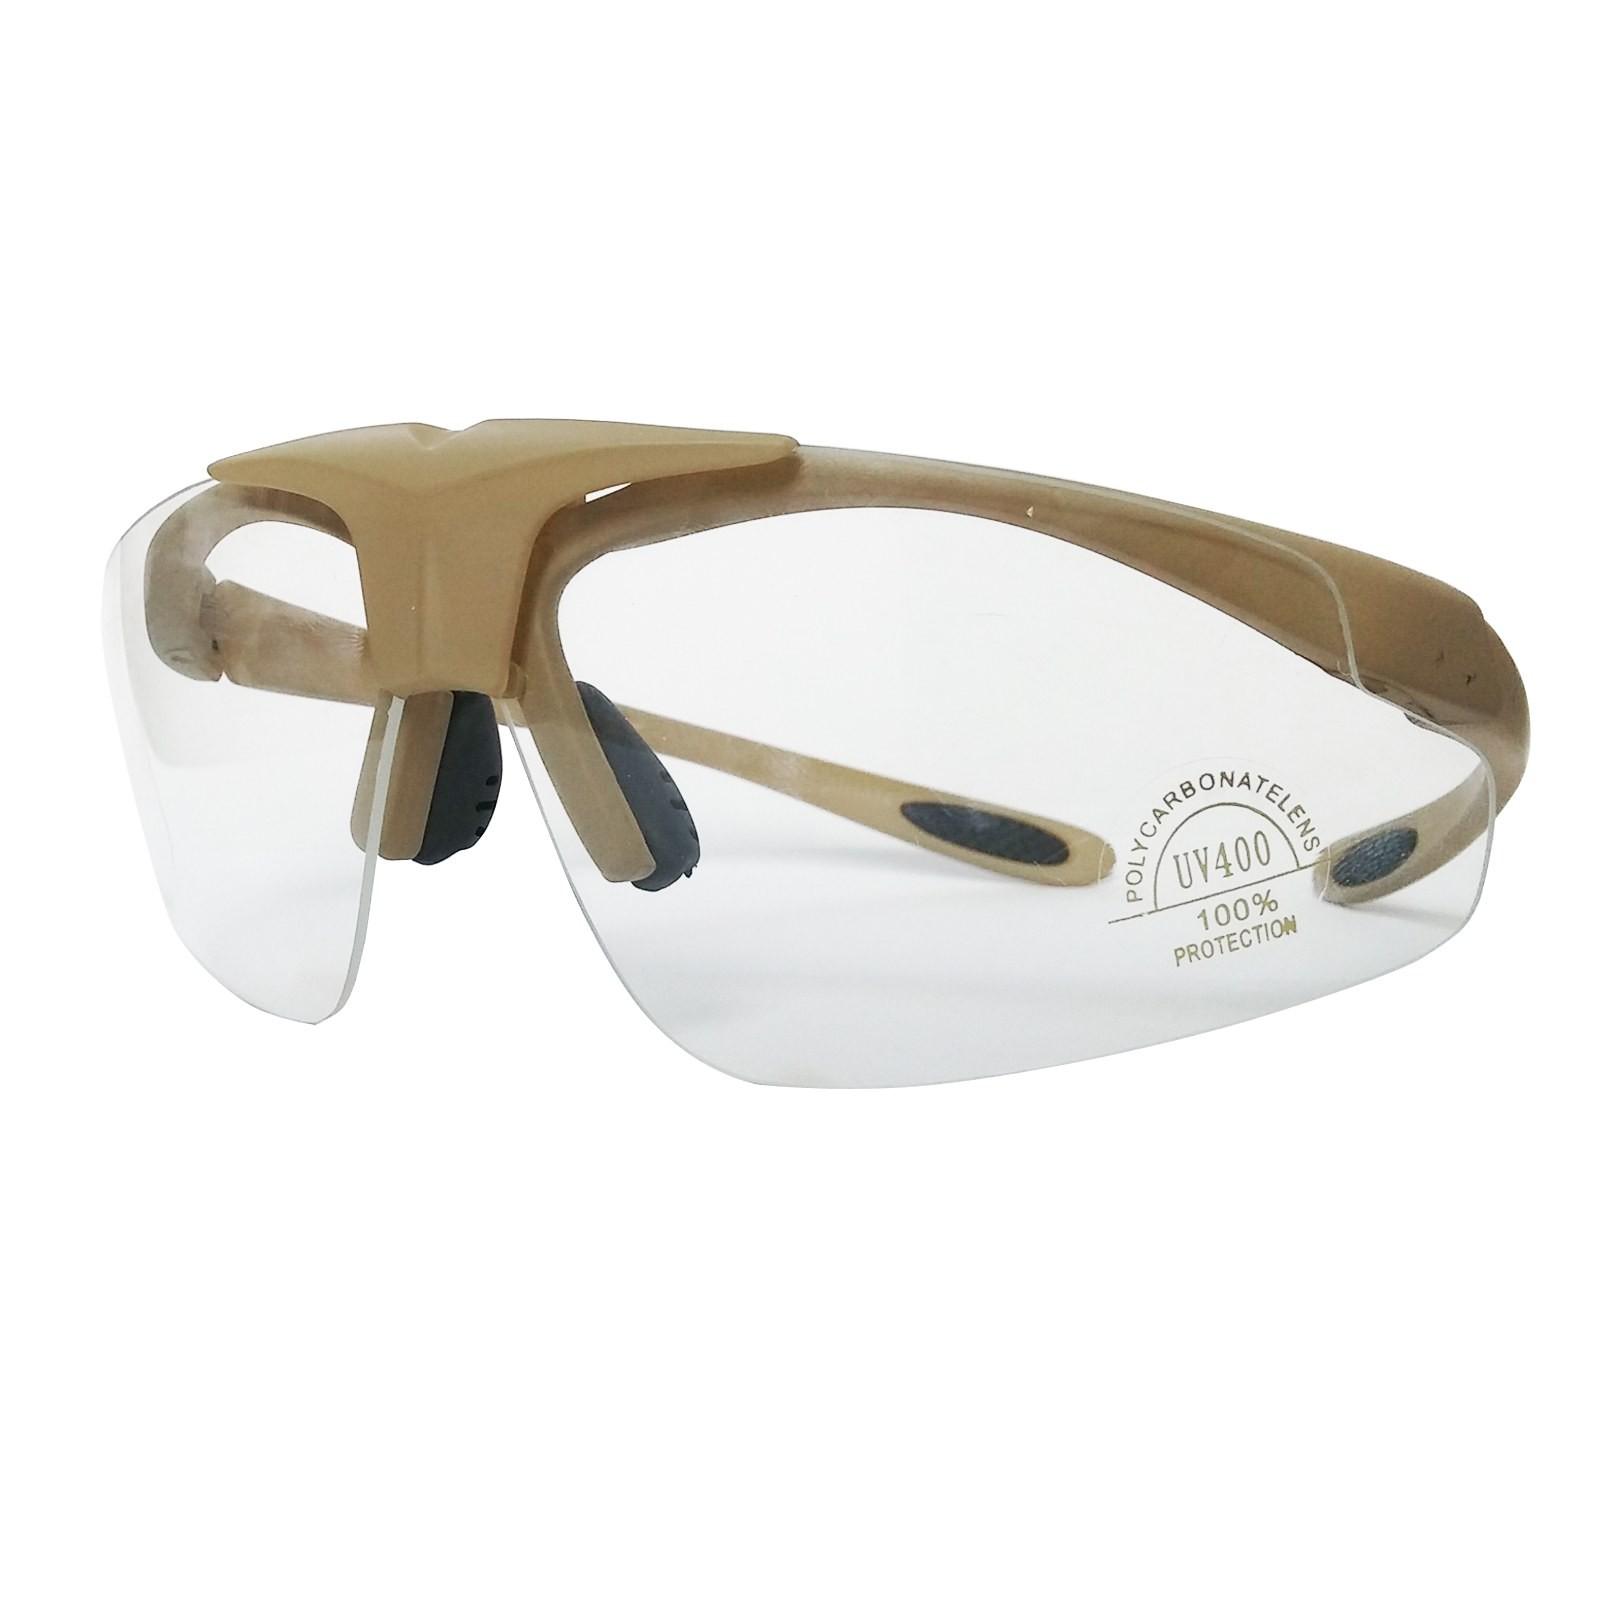 Occhiali di Protezione per Softair da Tiro Sportivi Royal Tattici TAN Militari